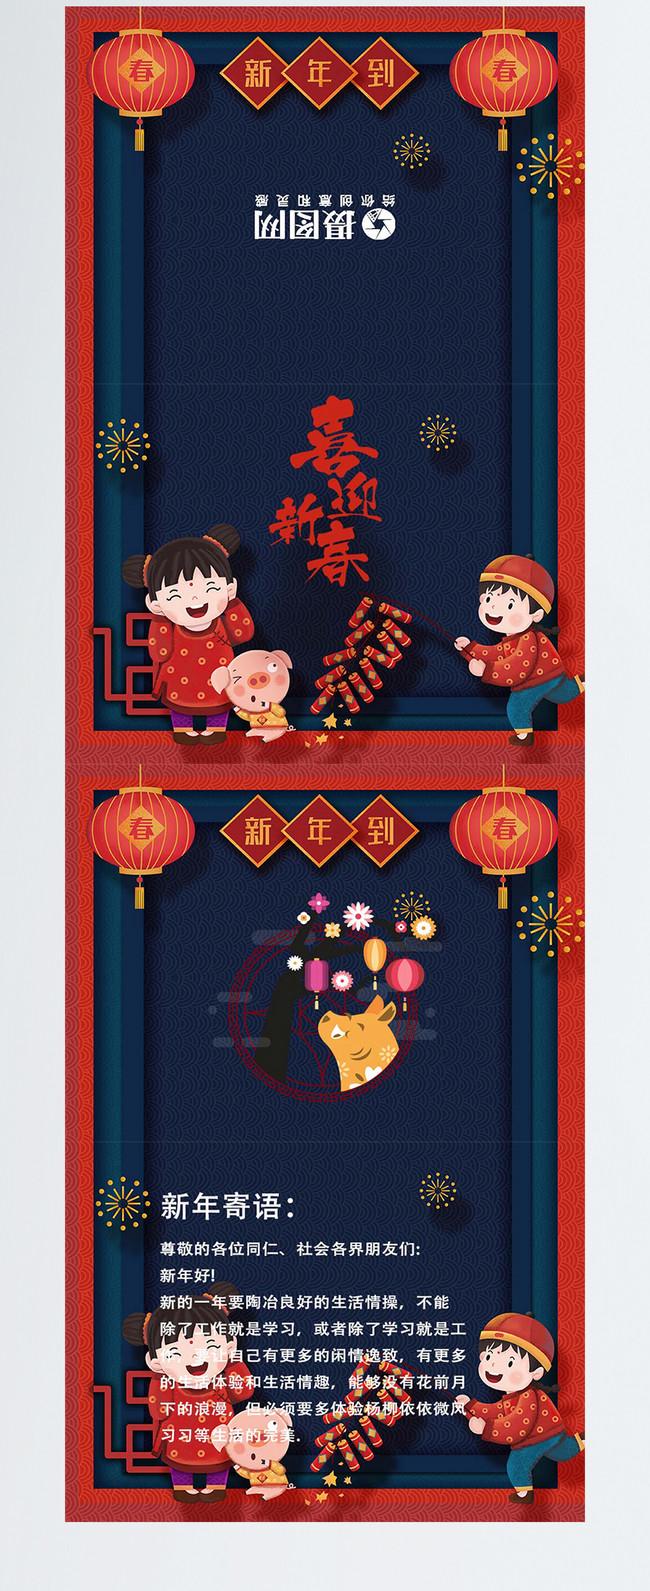 Selamat Tahun Baru Tahun Baru Cina Kad Ucapan Selamat Tahun Baru Gambar Unduh Gratis Imej 400977222 Format Psd My Lovepik Com